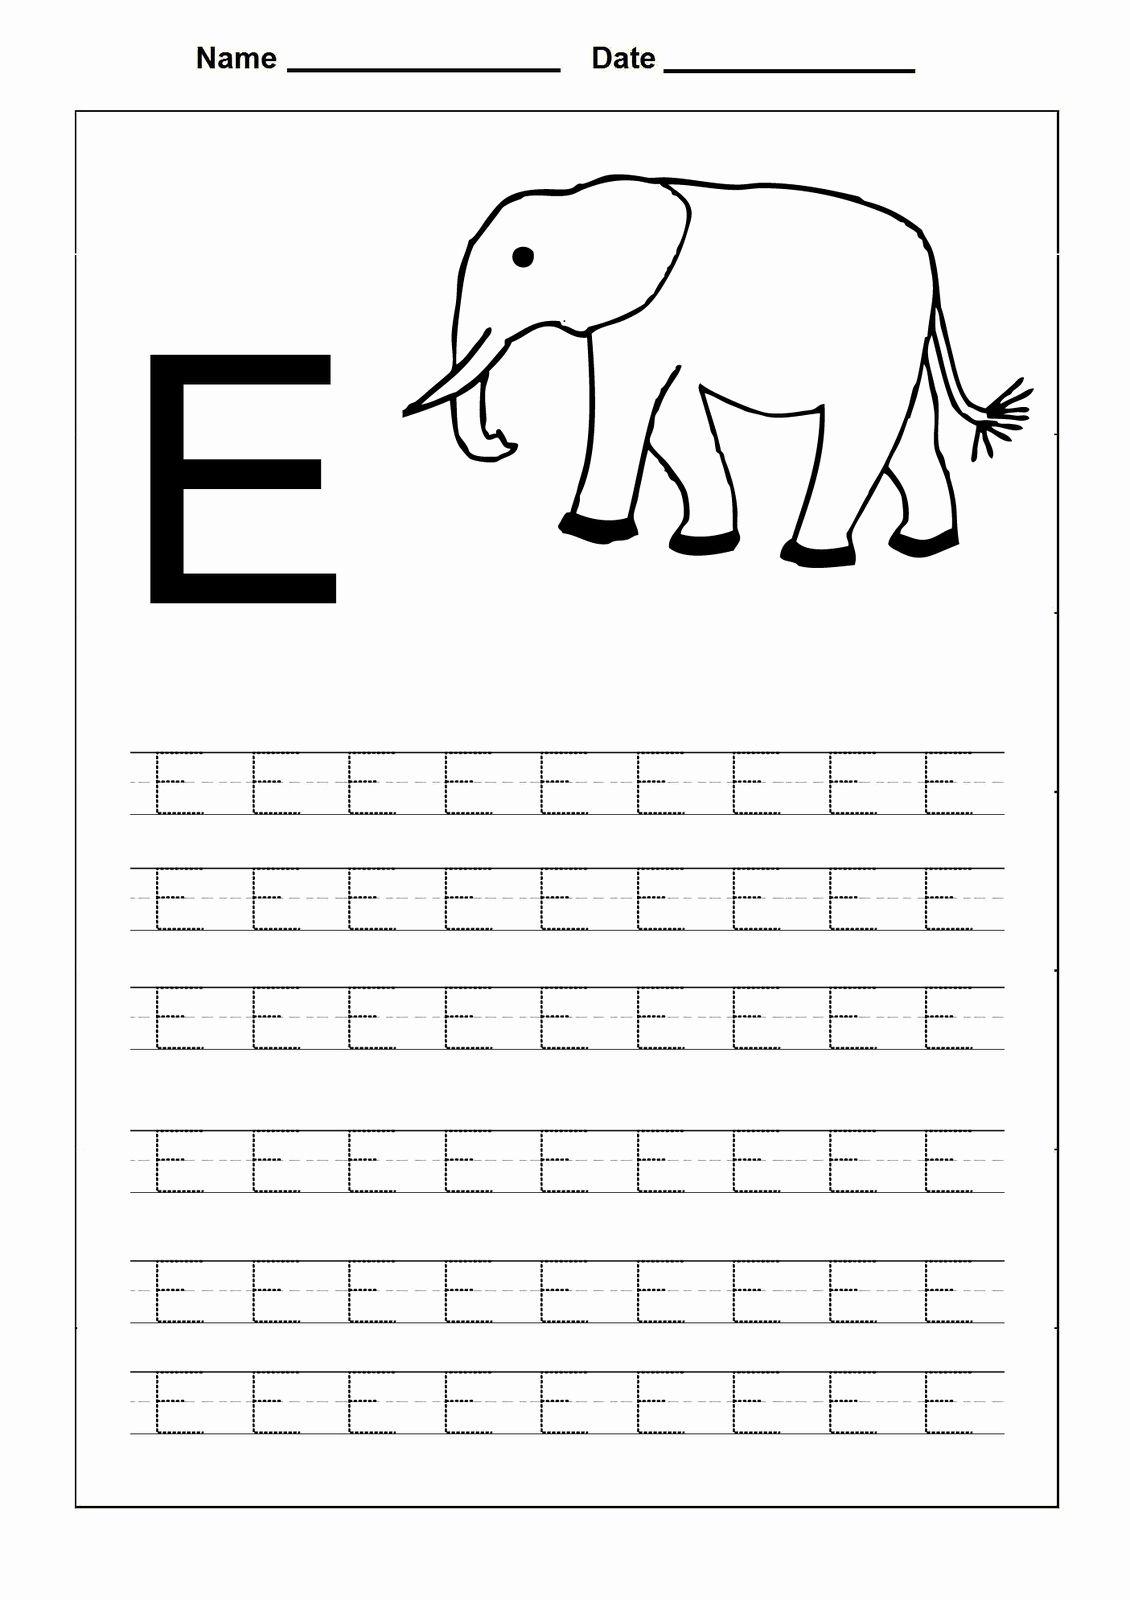 Alphabet Coloring Pages Twisty Noodle Best Of 49 Letter E Worksheets For Preschool Free Kinder Letter Tracing Worksheets Letter E Worksheets Tracing Worksheets